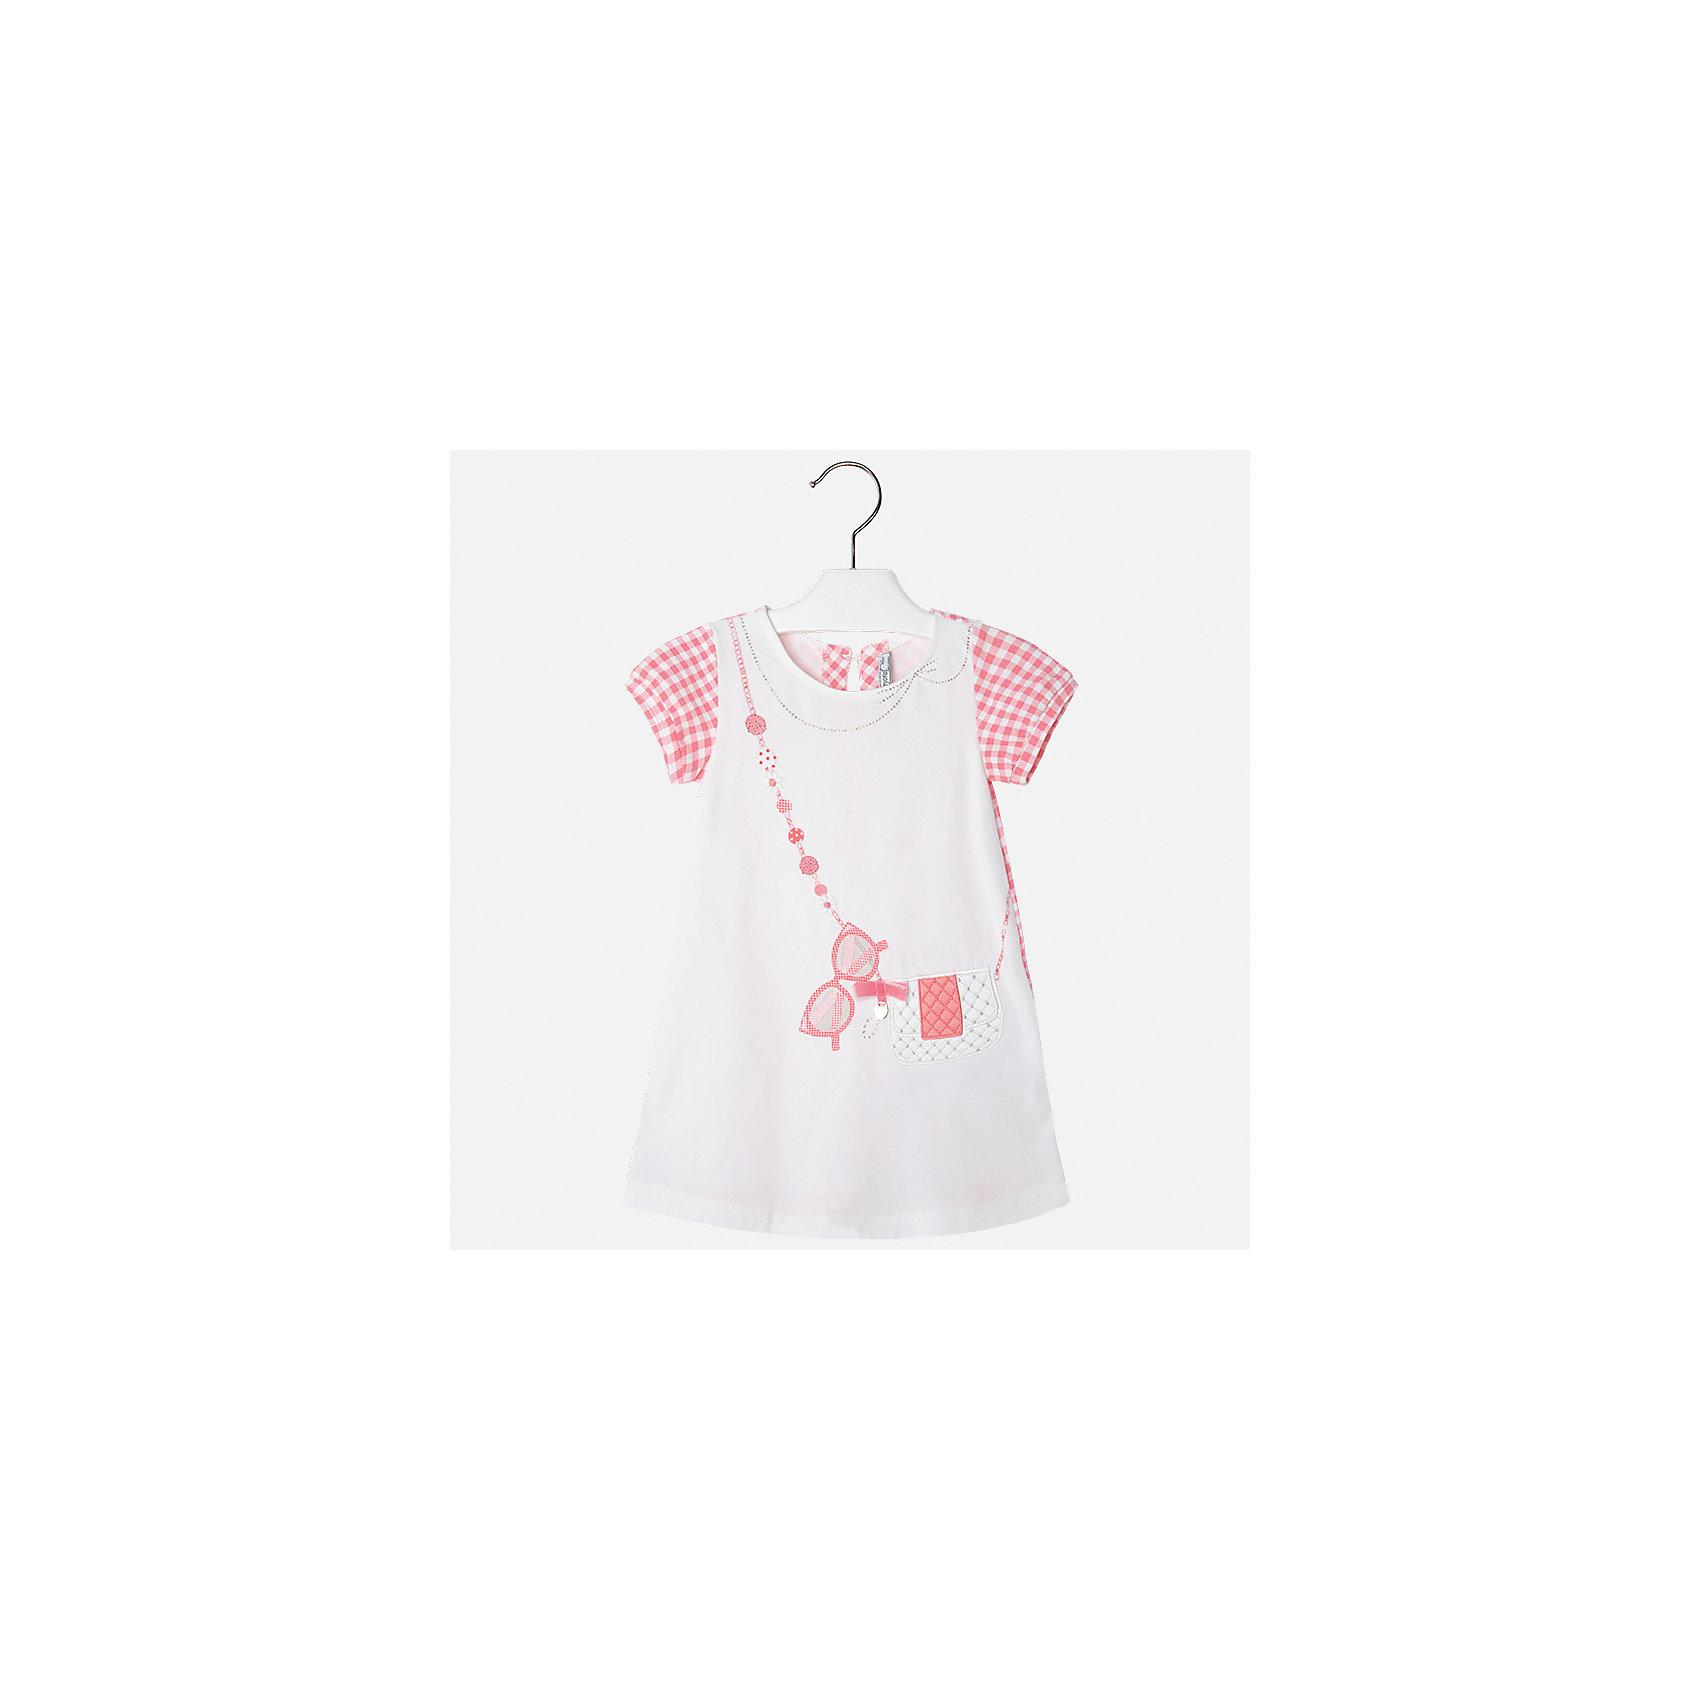 Платье для девочки MayoralПлатья и сарафаны<br>Характеристики товара:<br><br>• цвет: белый с розовым<br>• состав: 95% хлопок, 5% эластан<br>• застежка: молния<br>• короткие рукава <br>• декорировано принтом<br>• металлический логотип<br>• страна бренда: Испания<br><br>Нарядное платье для девочки поможет разнообразить гардероб ребенка и создать эффектный наряд. Оно подойдет для различных случаев. Красивый оттенок позволяет подобрать к вещи обувь разных расцветок. Платье хорошо сидит по фигуре и оригинально смотрится. В составе материала - натуральный хлопок, гипоаллергенный, приятный на ощупь, дышащий. <br><br>Одежда, обувь и аксессуары от испанского бренда Mayoral полюбились детям и взрослым по всему миру. Модели этой марки - стильные и удобные. Для их производства используются только безопасные, качественные материалы и фурнитура. Порадуйте ребенка модными и красивыми вещами от Mayoral! <br><br>Платье для девочки от испанского бренда Mayoral (Майорал) можно купить в нашем интернет-магазине.<br><br>Ширина мм: 236<br>Глубина мм: 16<br>Высота мм: 184<br>Вес г: 177<br>Цвет: оранжевый<br>Возраст от месяцев: 96<br>Возраст до месяцев: 108<br>Пол: Женский<br>Возраст: Детский<br>Размер: 134,92,98,104,110,116,122,128<br>SKU: 5291346